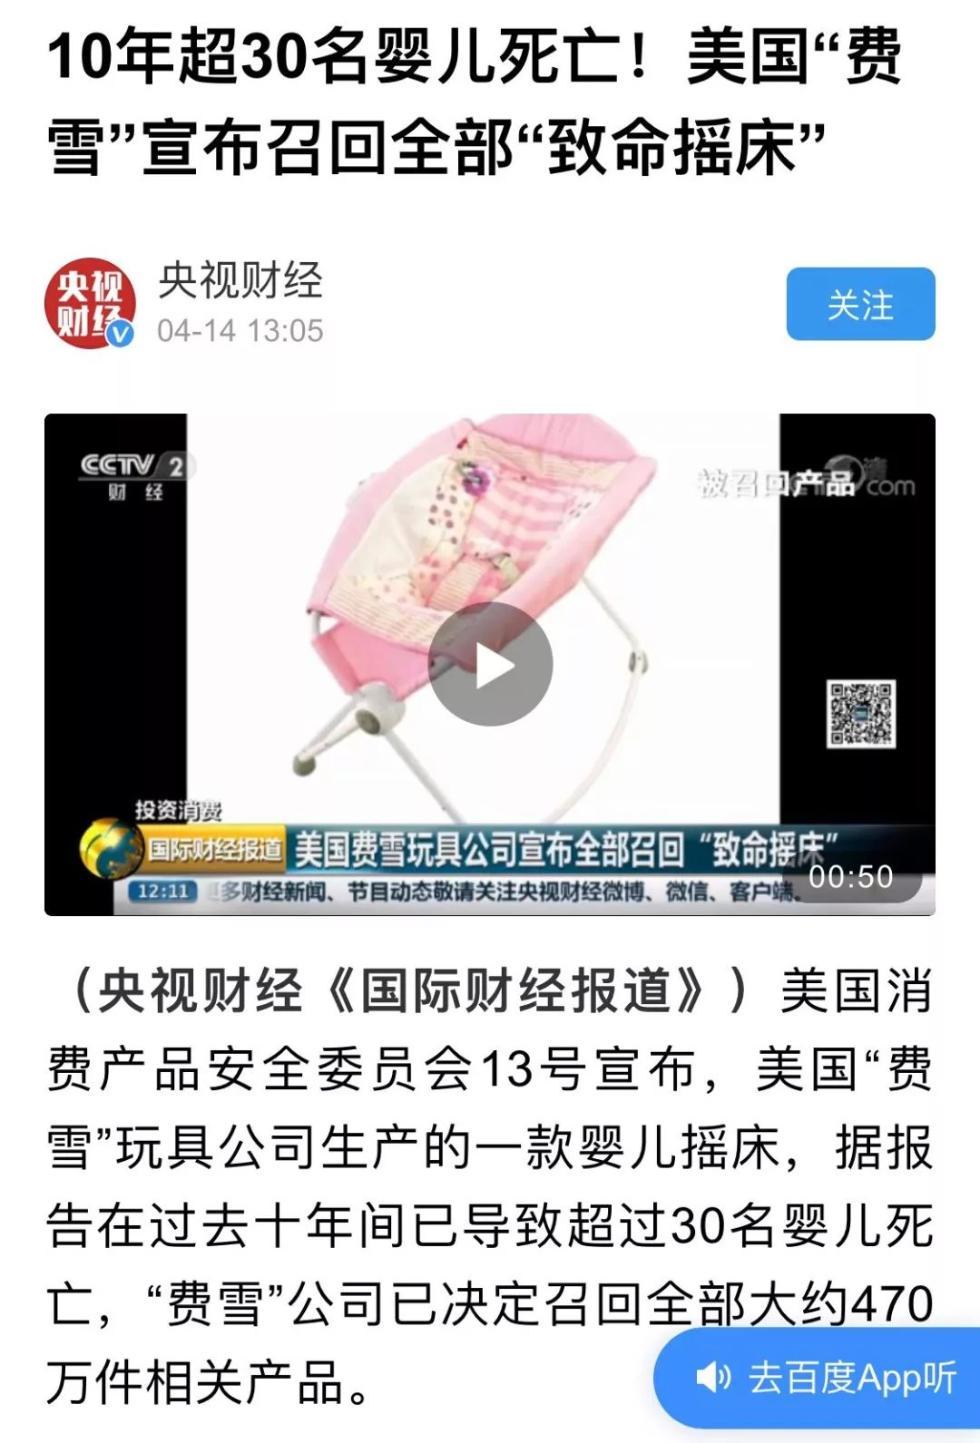 5月大男婴独睡半小时身亡!家人无法接受:这东西咋就不能用呢?